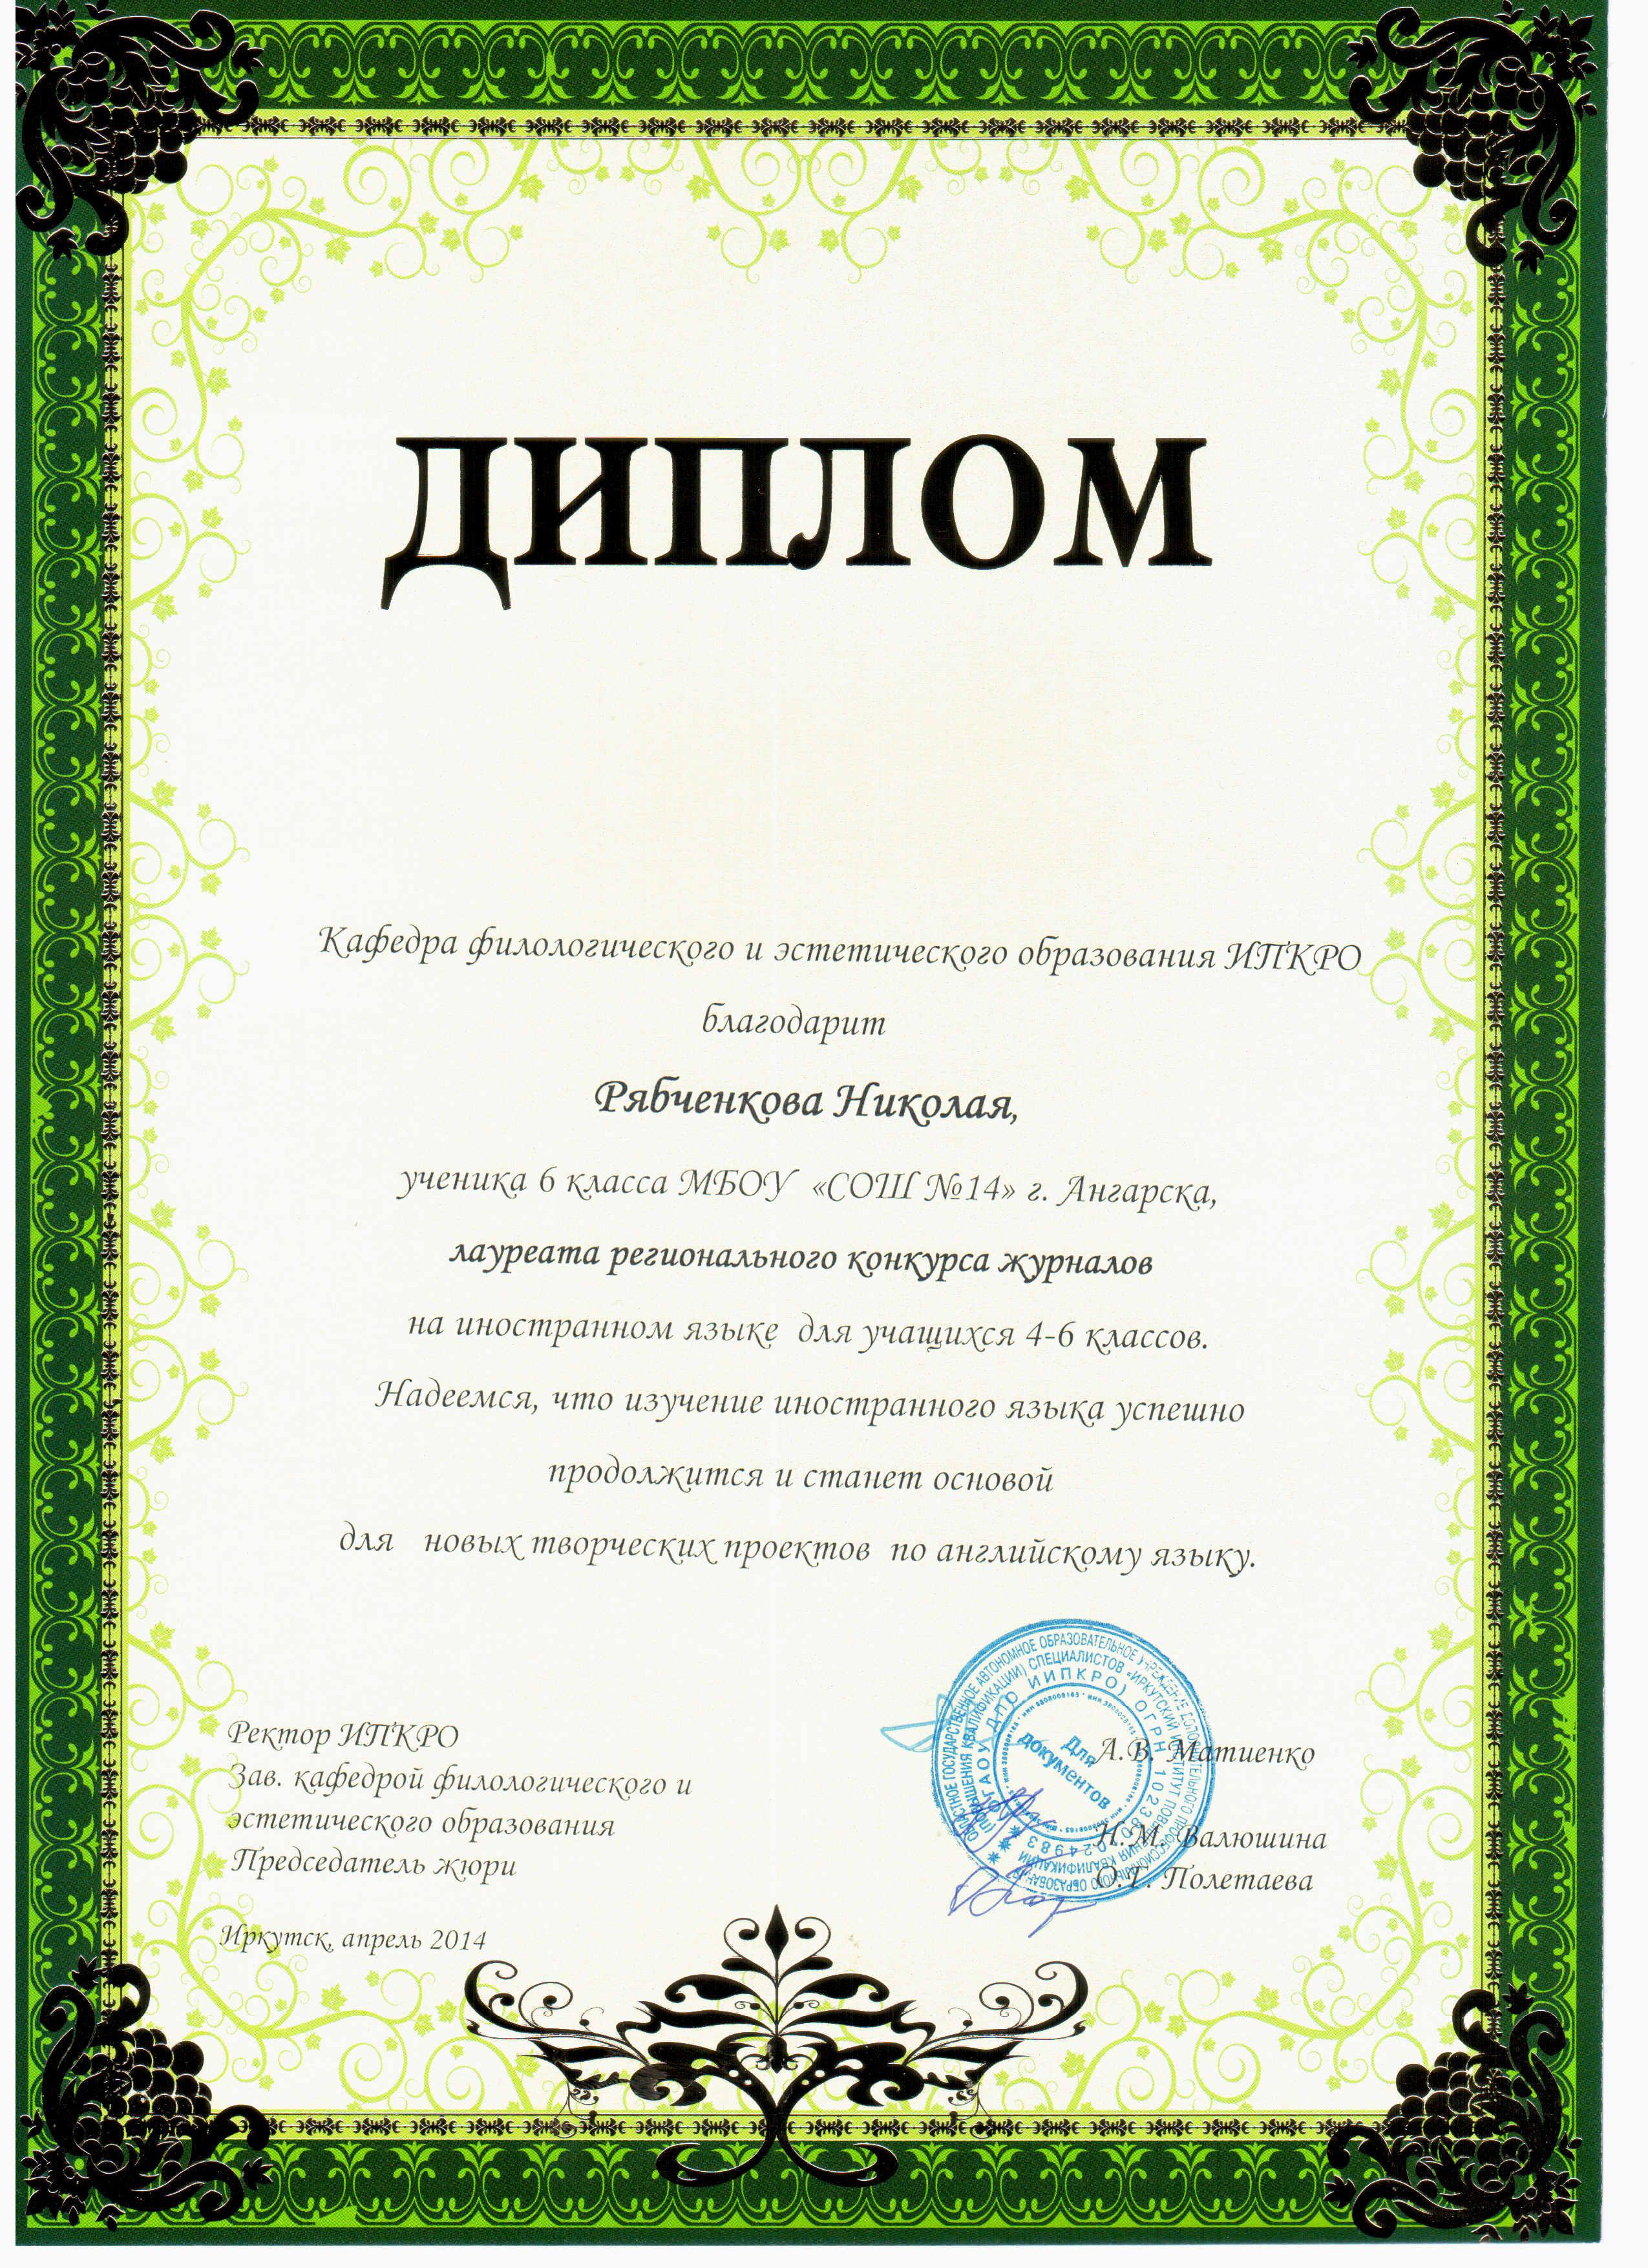 Журнал Коля Рябченков.jpg